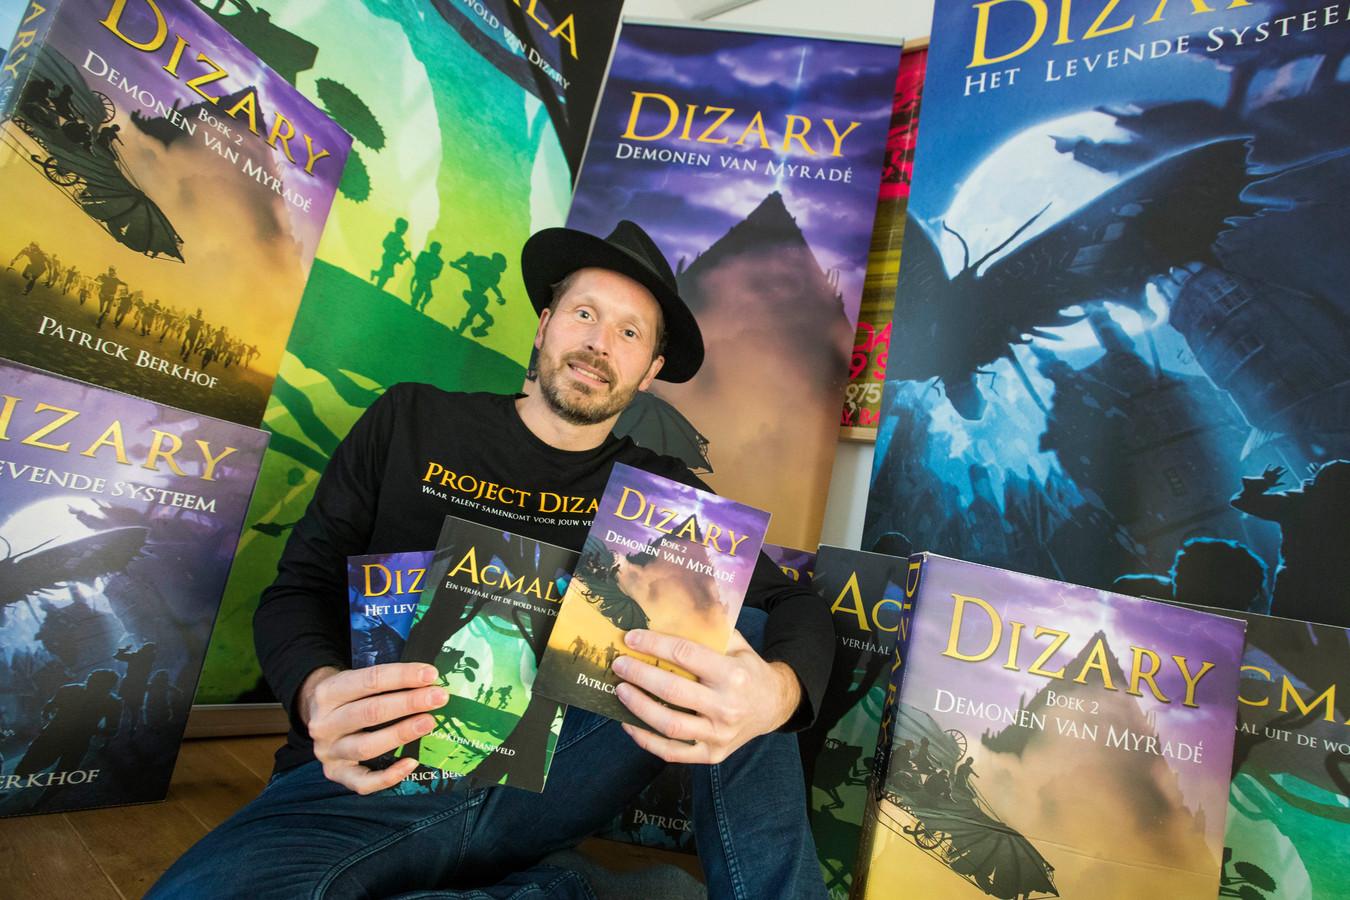 Schrijver Patrick Kerkhof met de boeken die zijn voortgekomen uit zijn project Dizary.